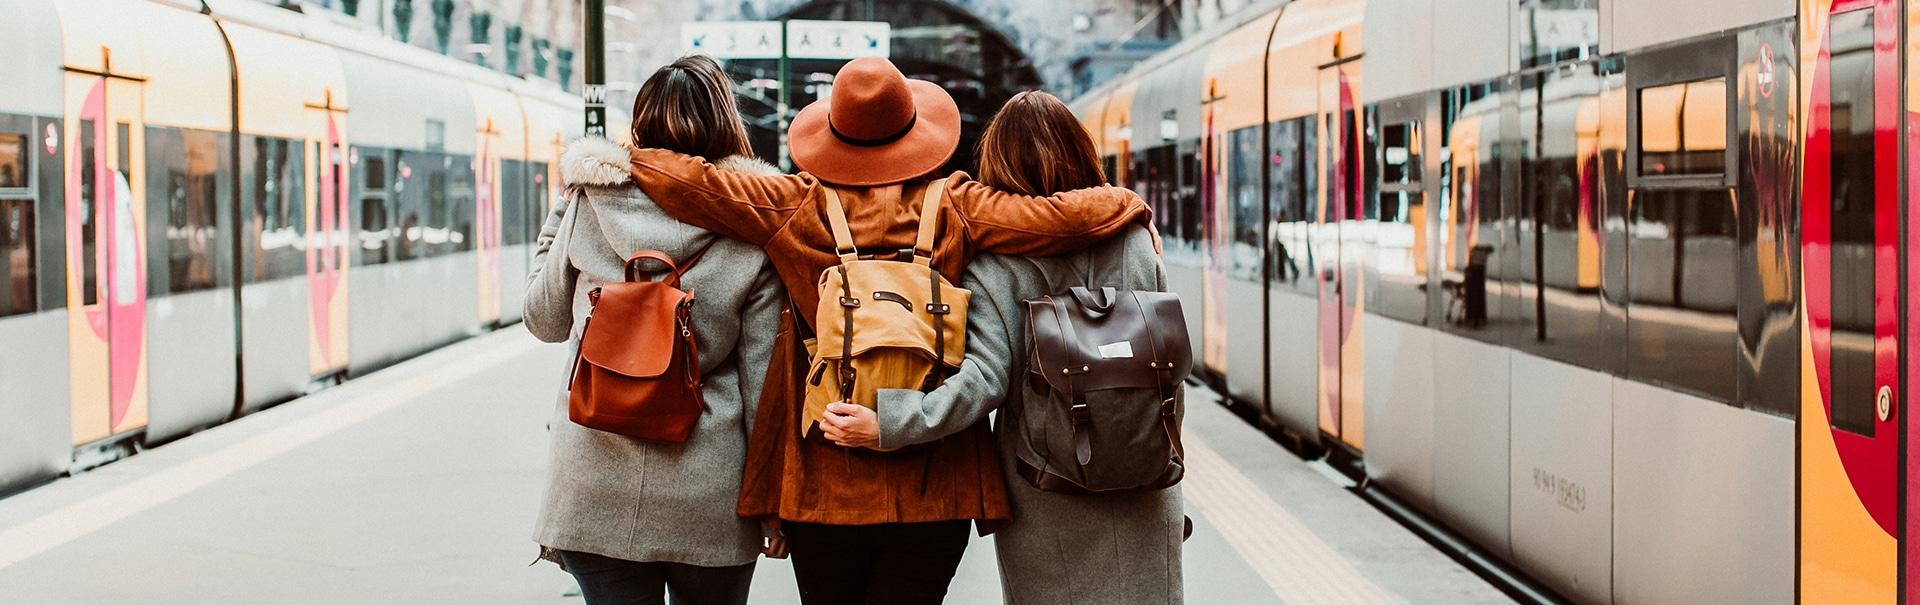 Die wichtigsten Gesetzesänderungen im Jahr 2021 für Reisende und Autofahrer